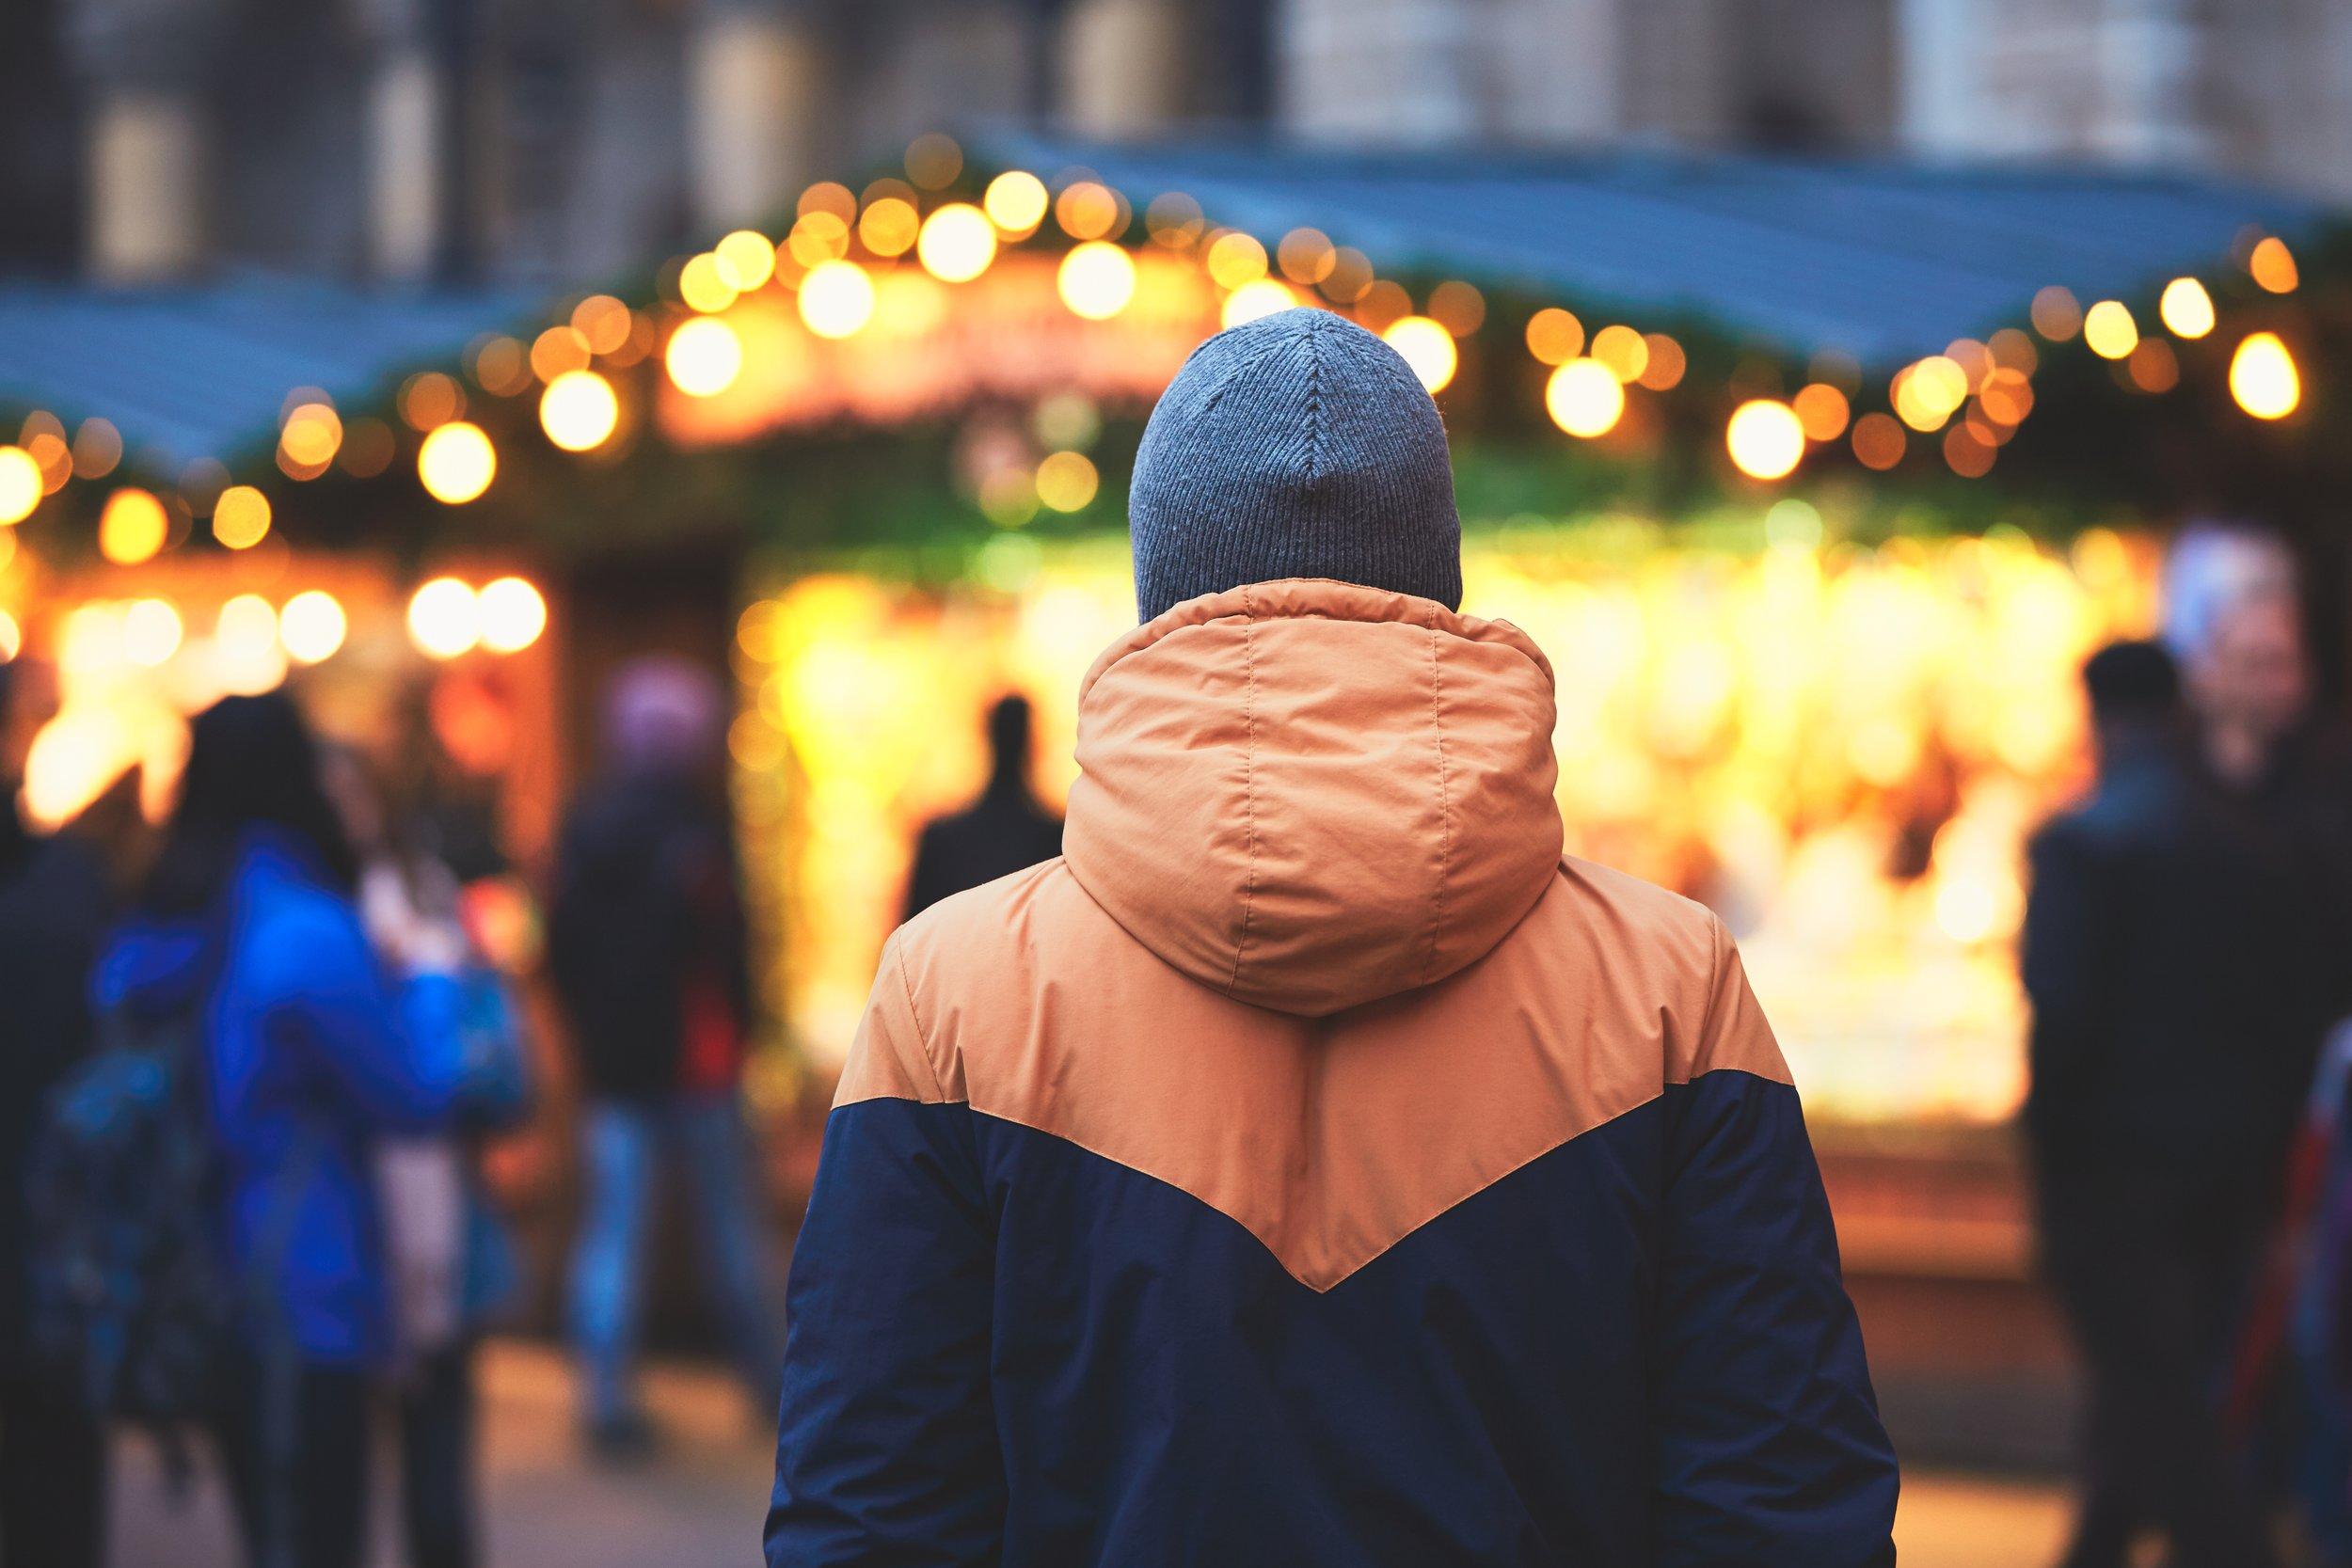 man-in-christmas-market-PCNAV69.jpg